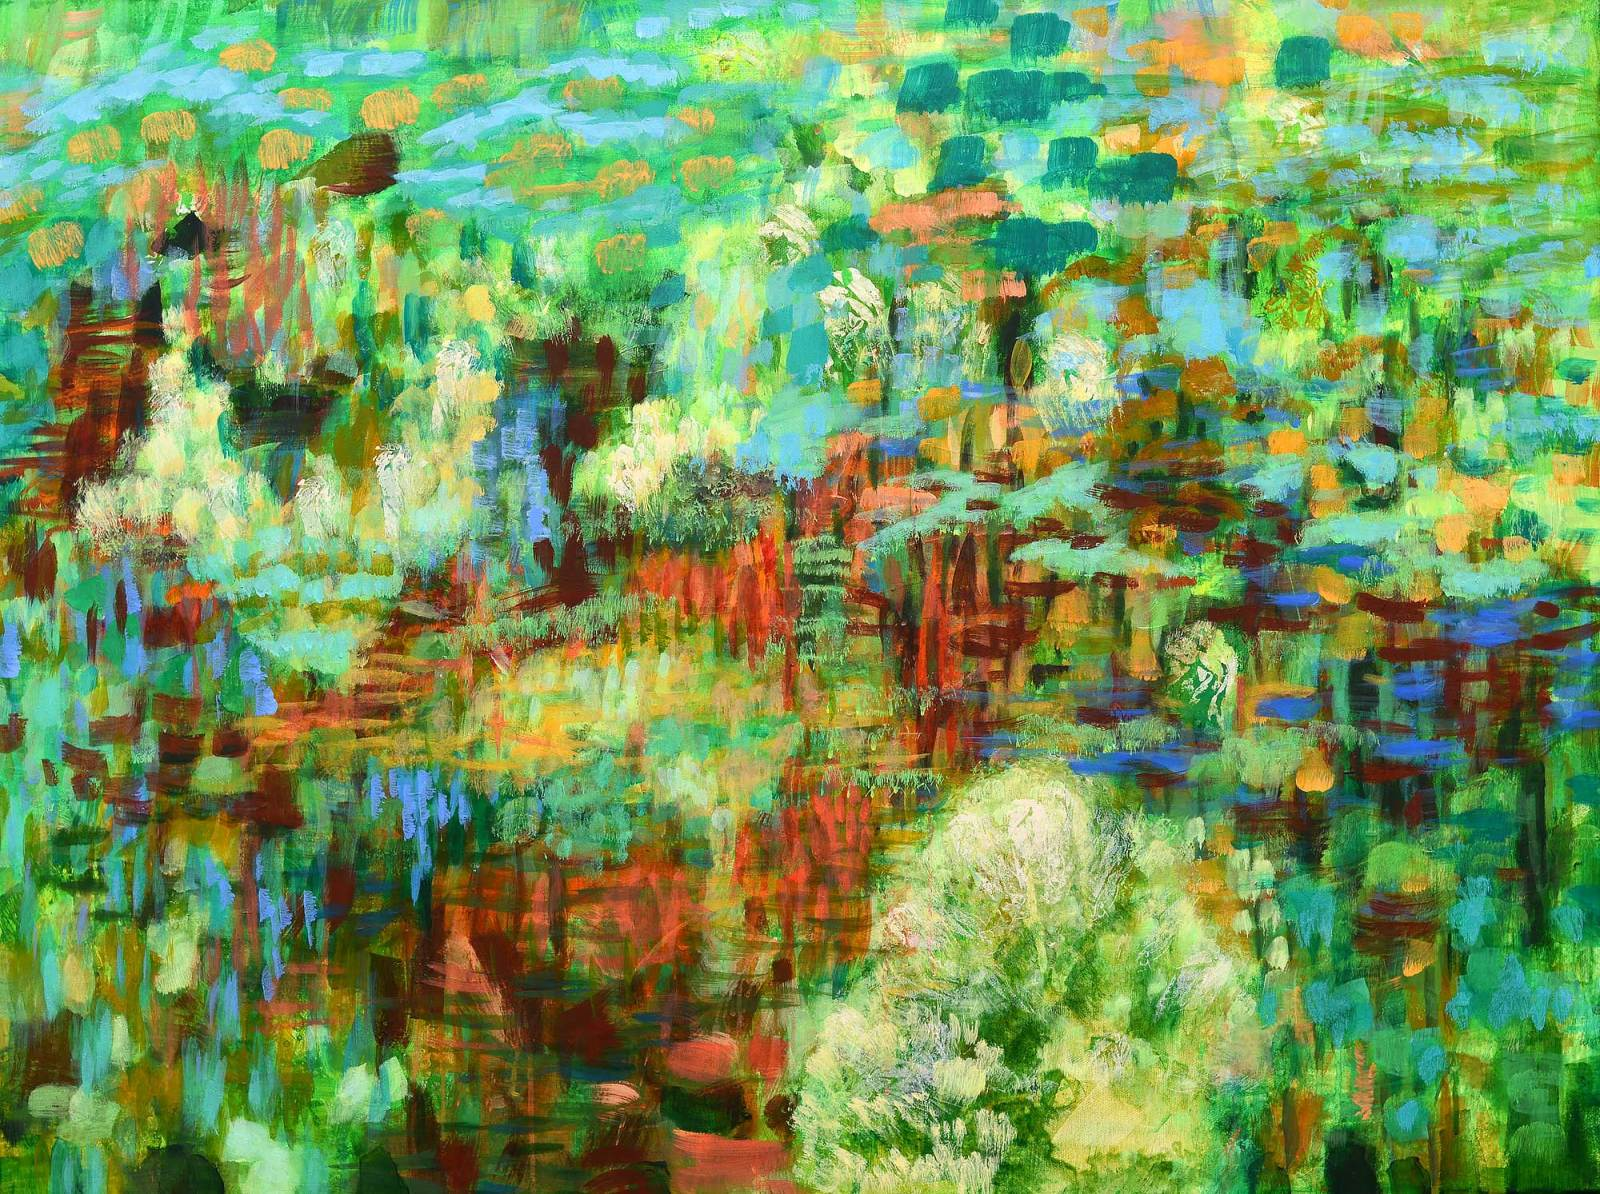 Grüne Landschaft 1, 2016, 190x120cm, Acryl auf Leinwand